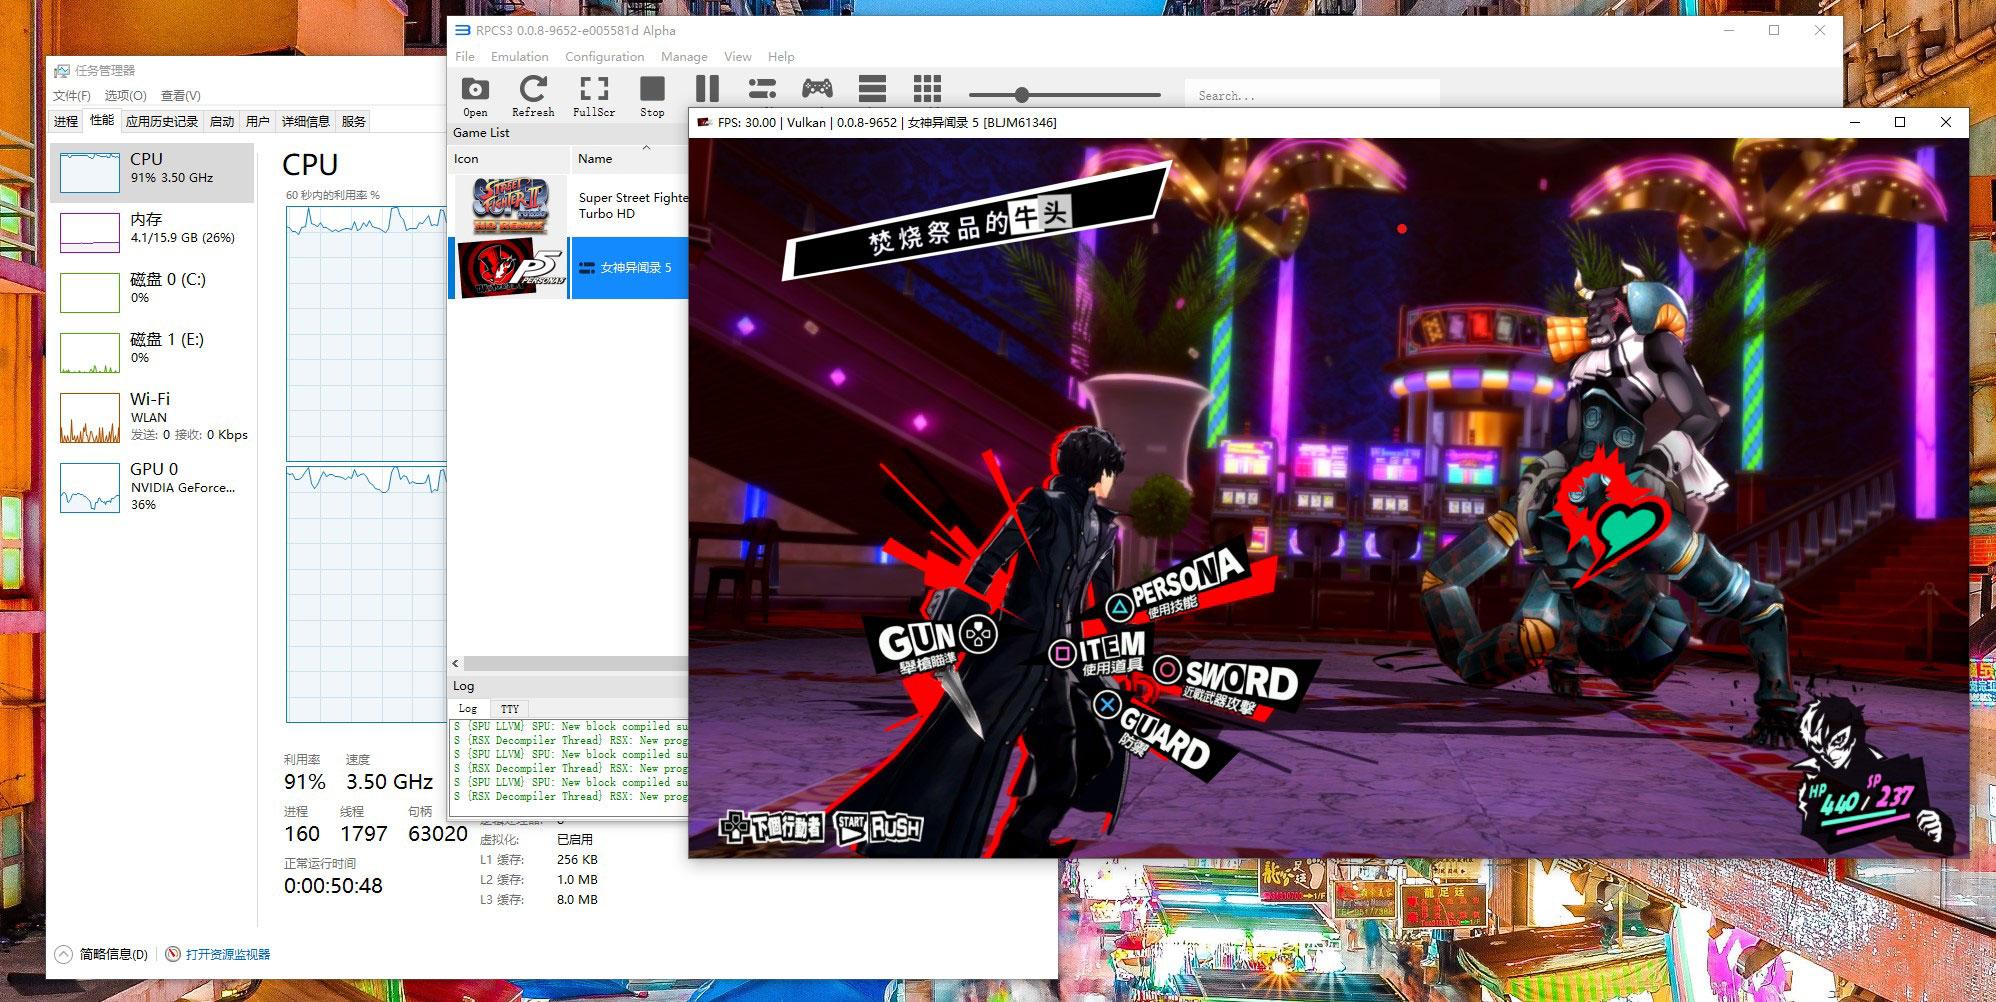 PS3模拟器RPCS3运行《女神异闻录5》实测(E3V2+GTX1060) - rpcs3 p5 4